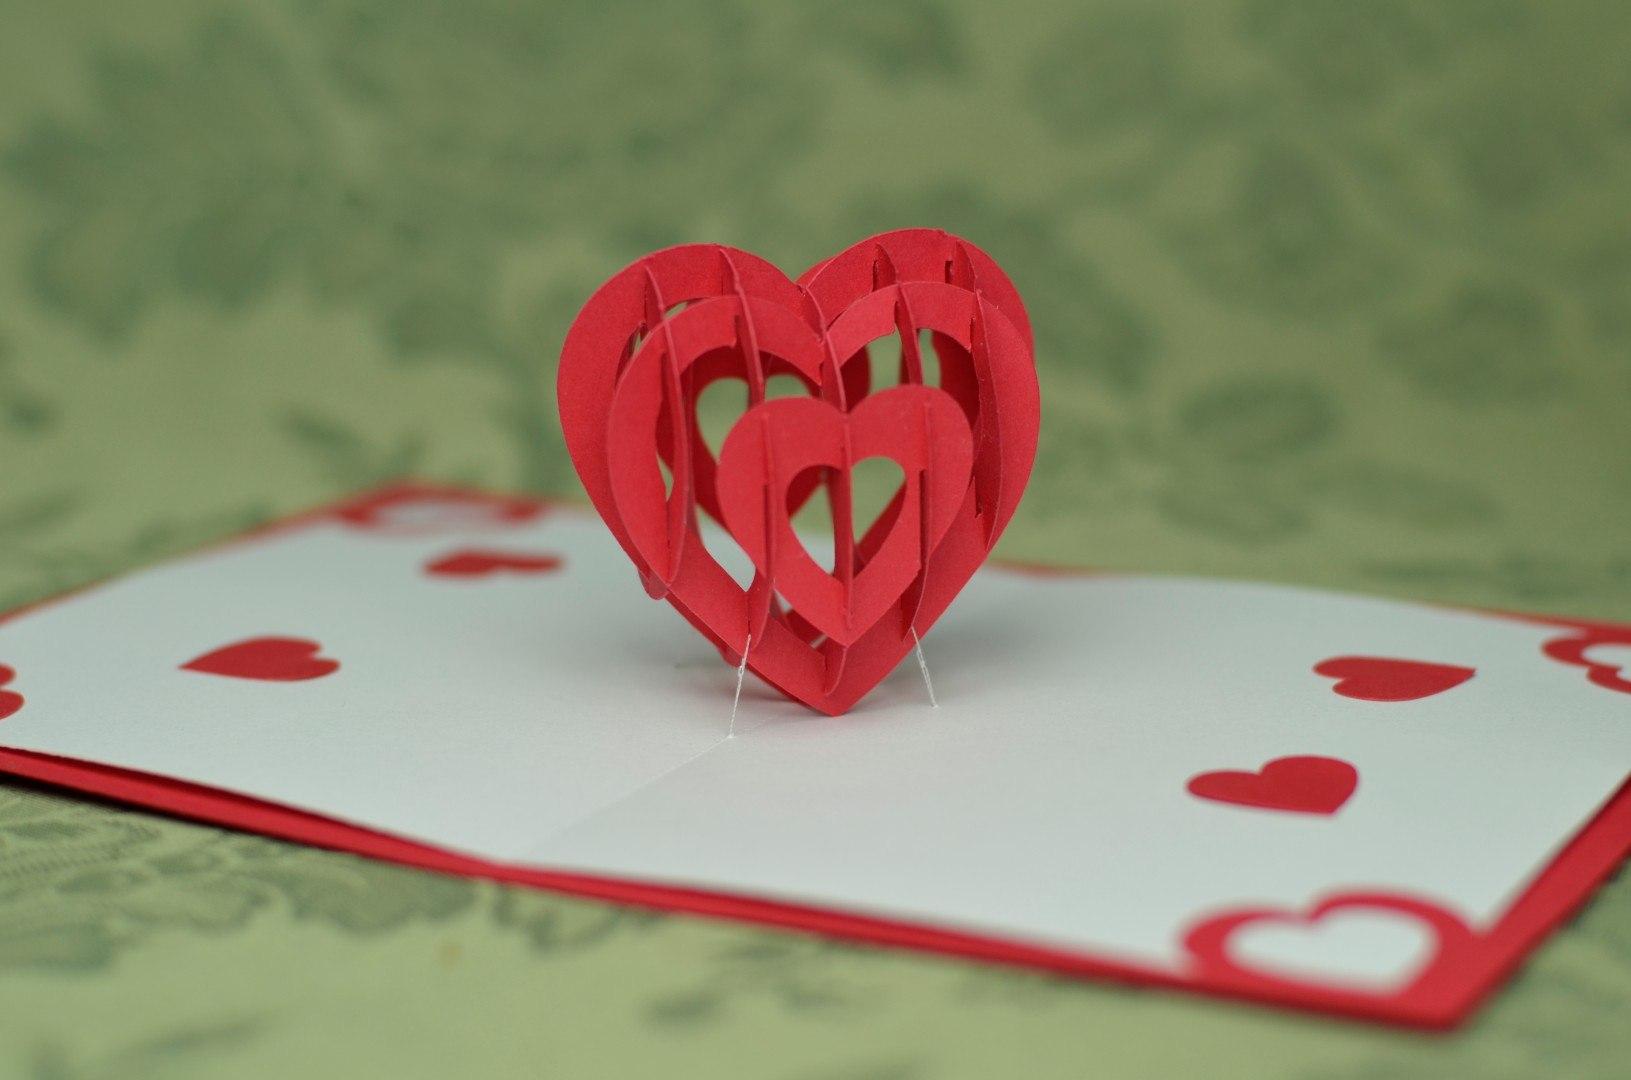 D Heart Pop Up Card Template  Creative Pop Up Cards Inside 3D Heart Pop Up Card Template Pdf